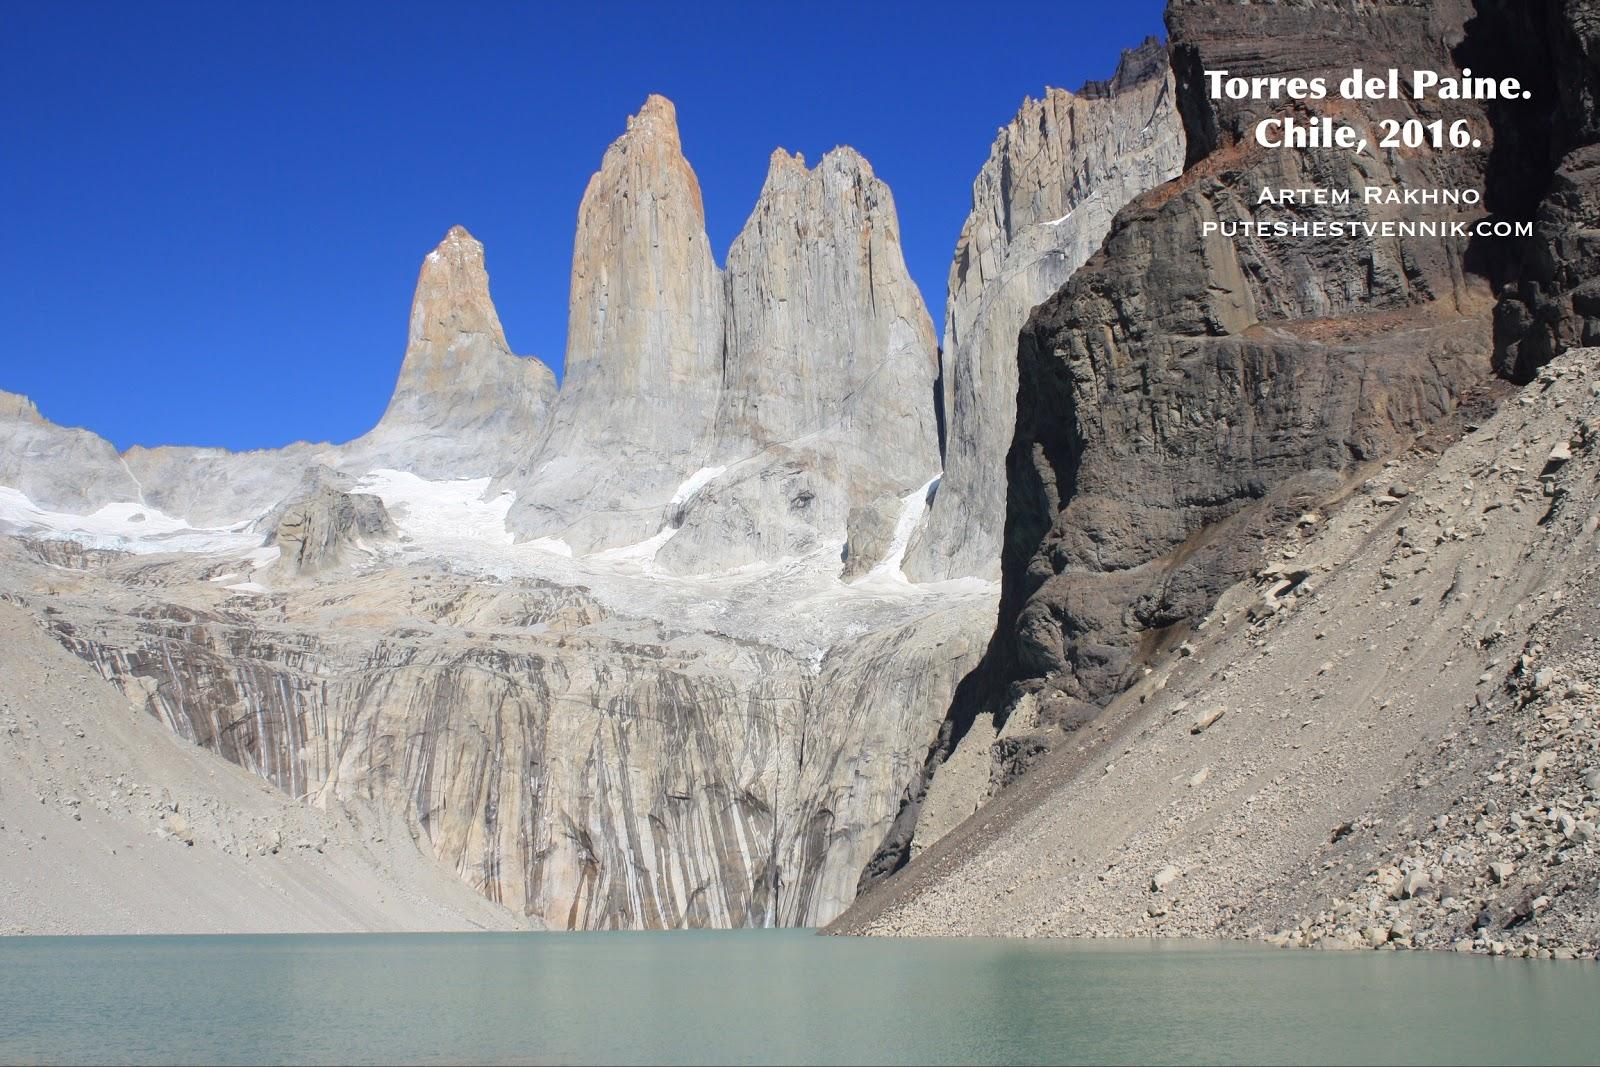 Скалы в форме башен в Торрес-дель-Пайне